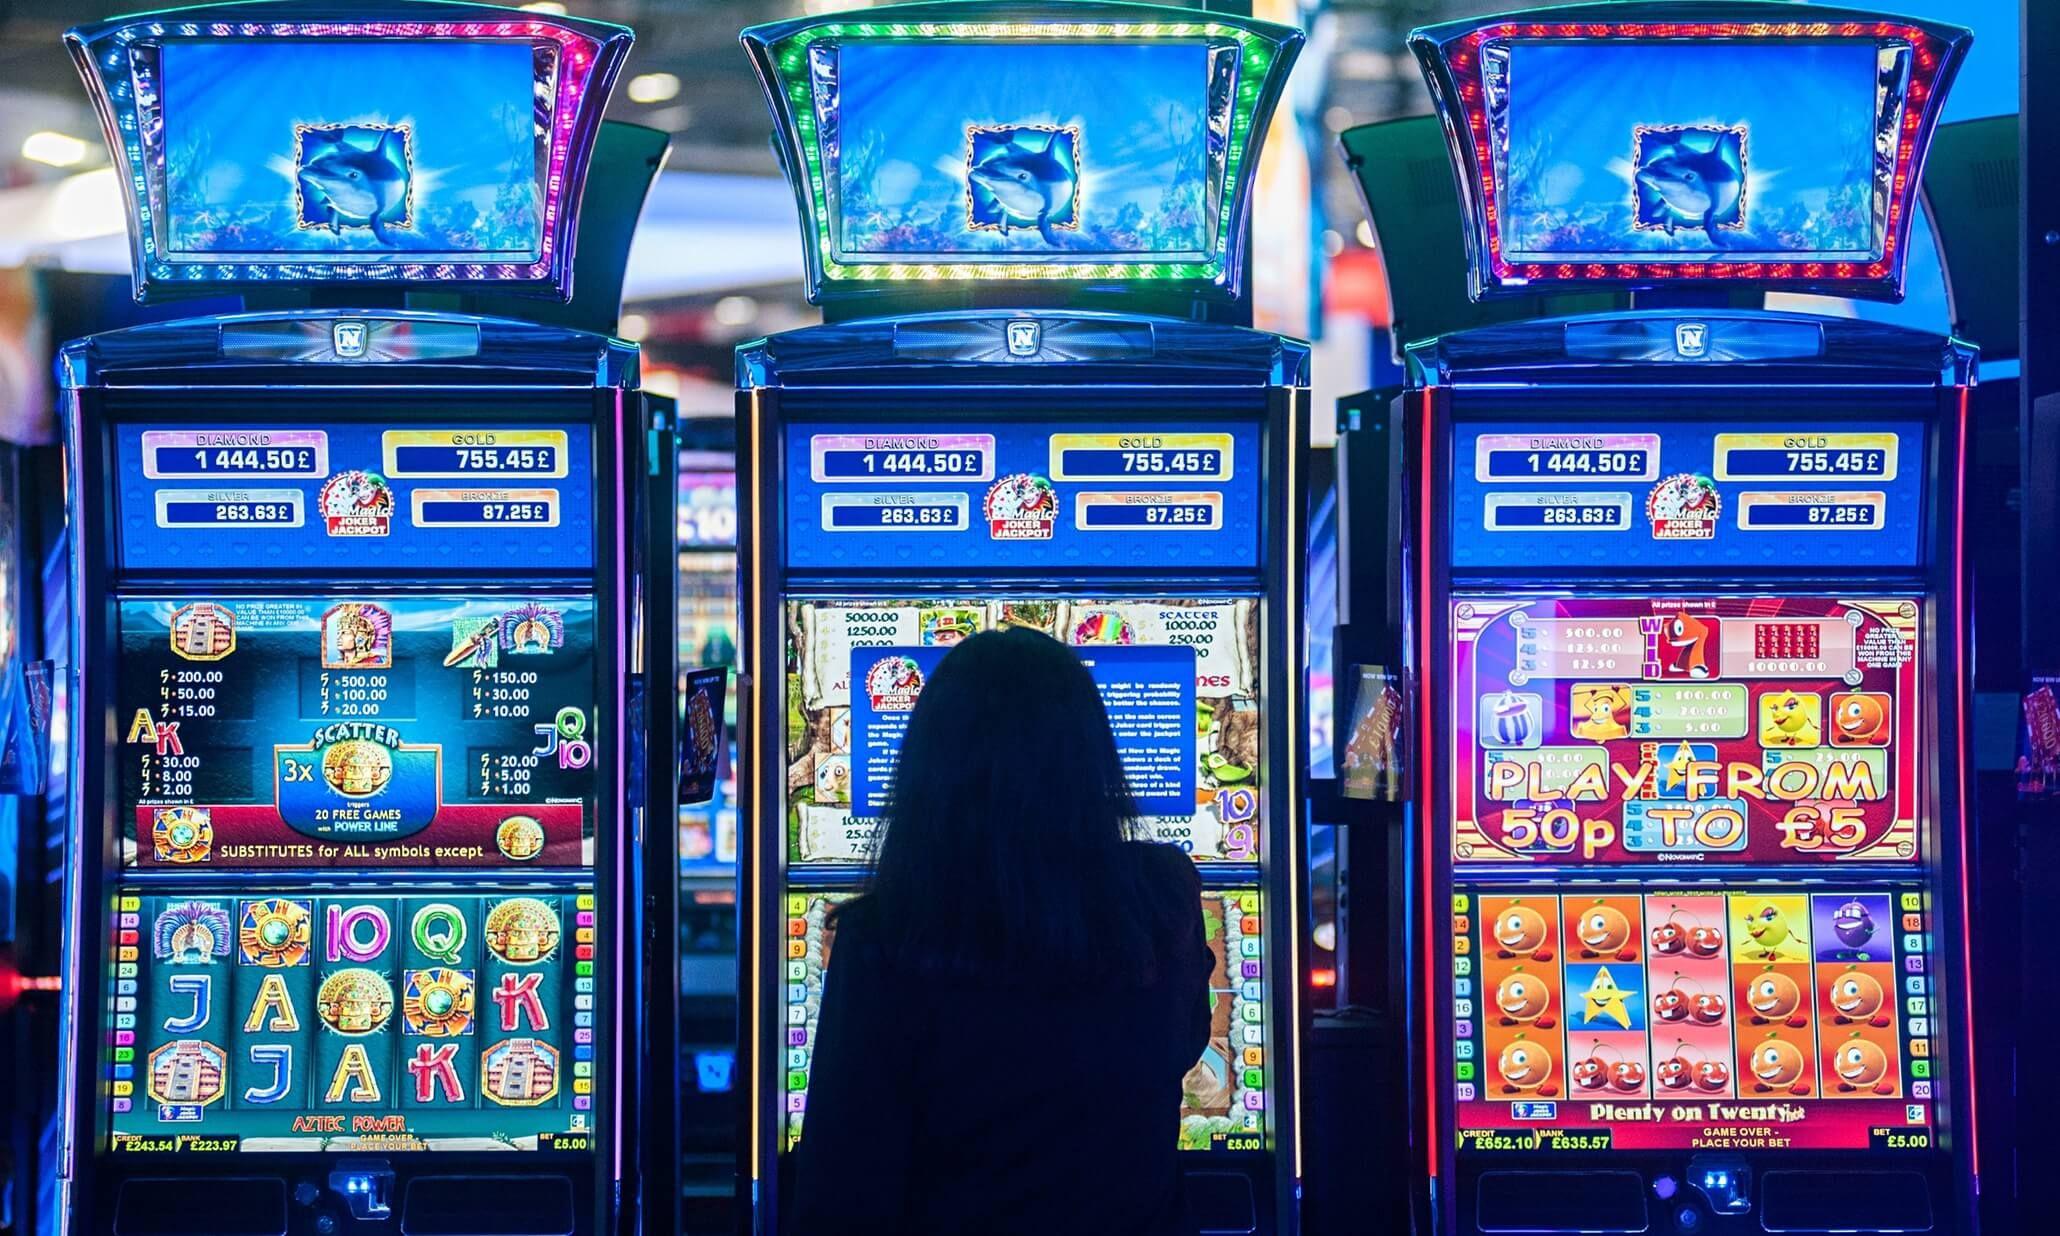 Игровые автоматы однорукий бандит азартные игры игровые автоматы крупные выигрыши видео онлайн бесплатно без регист